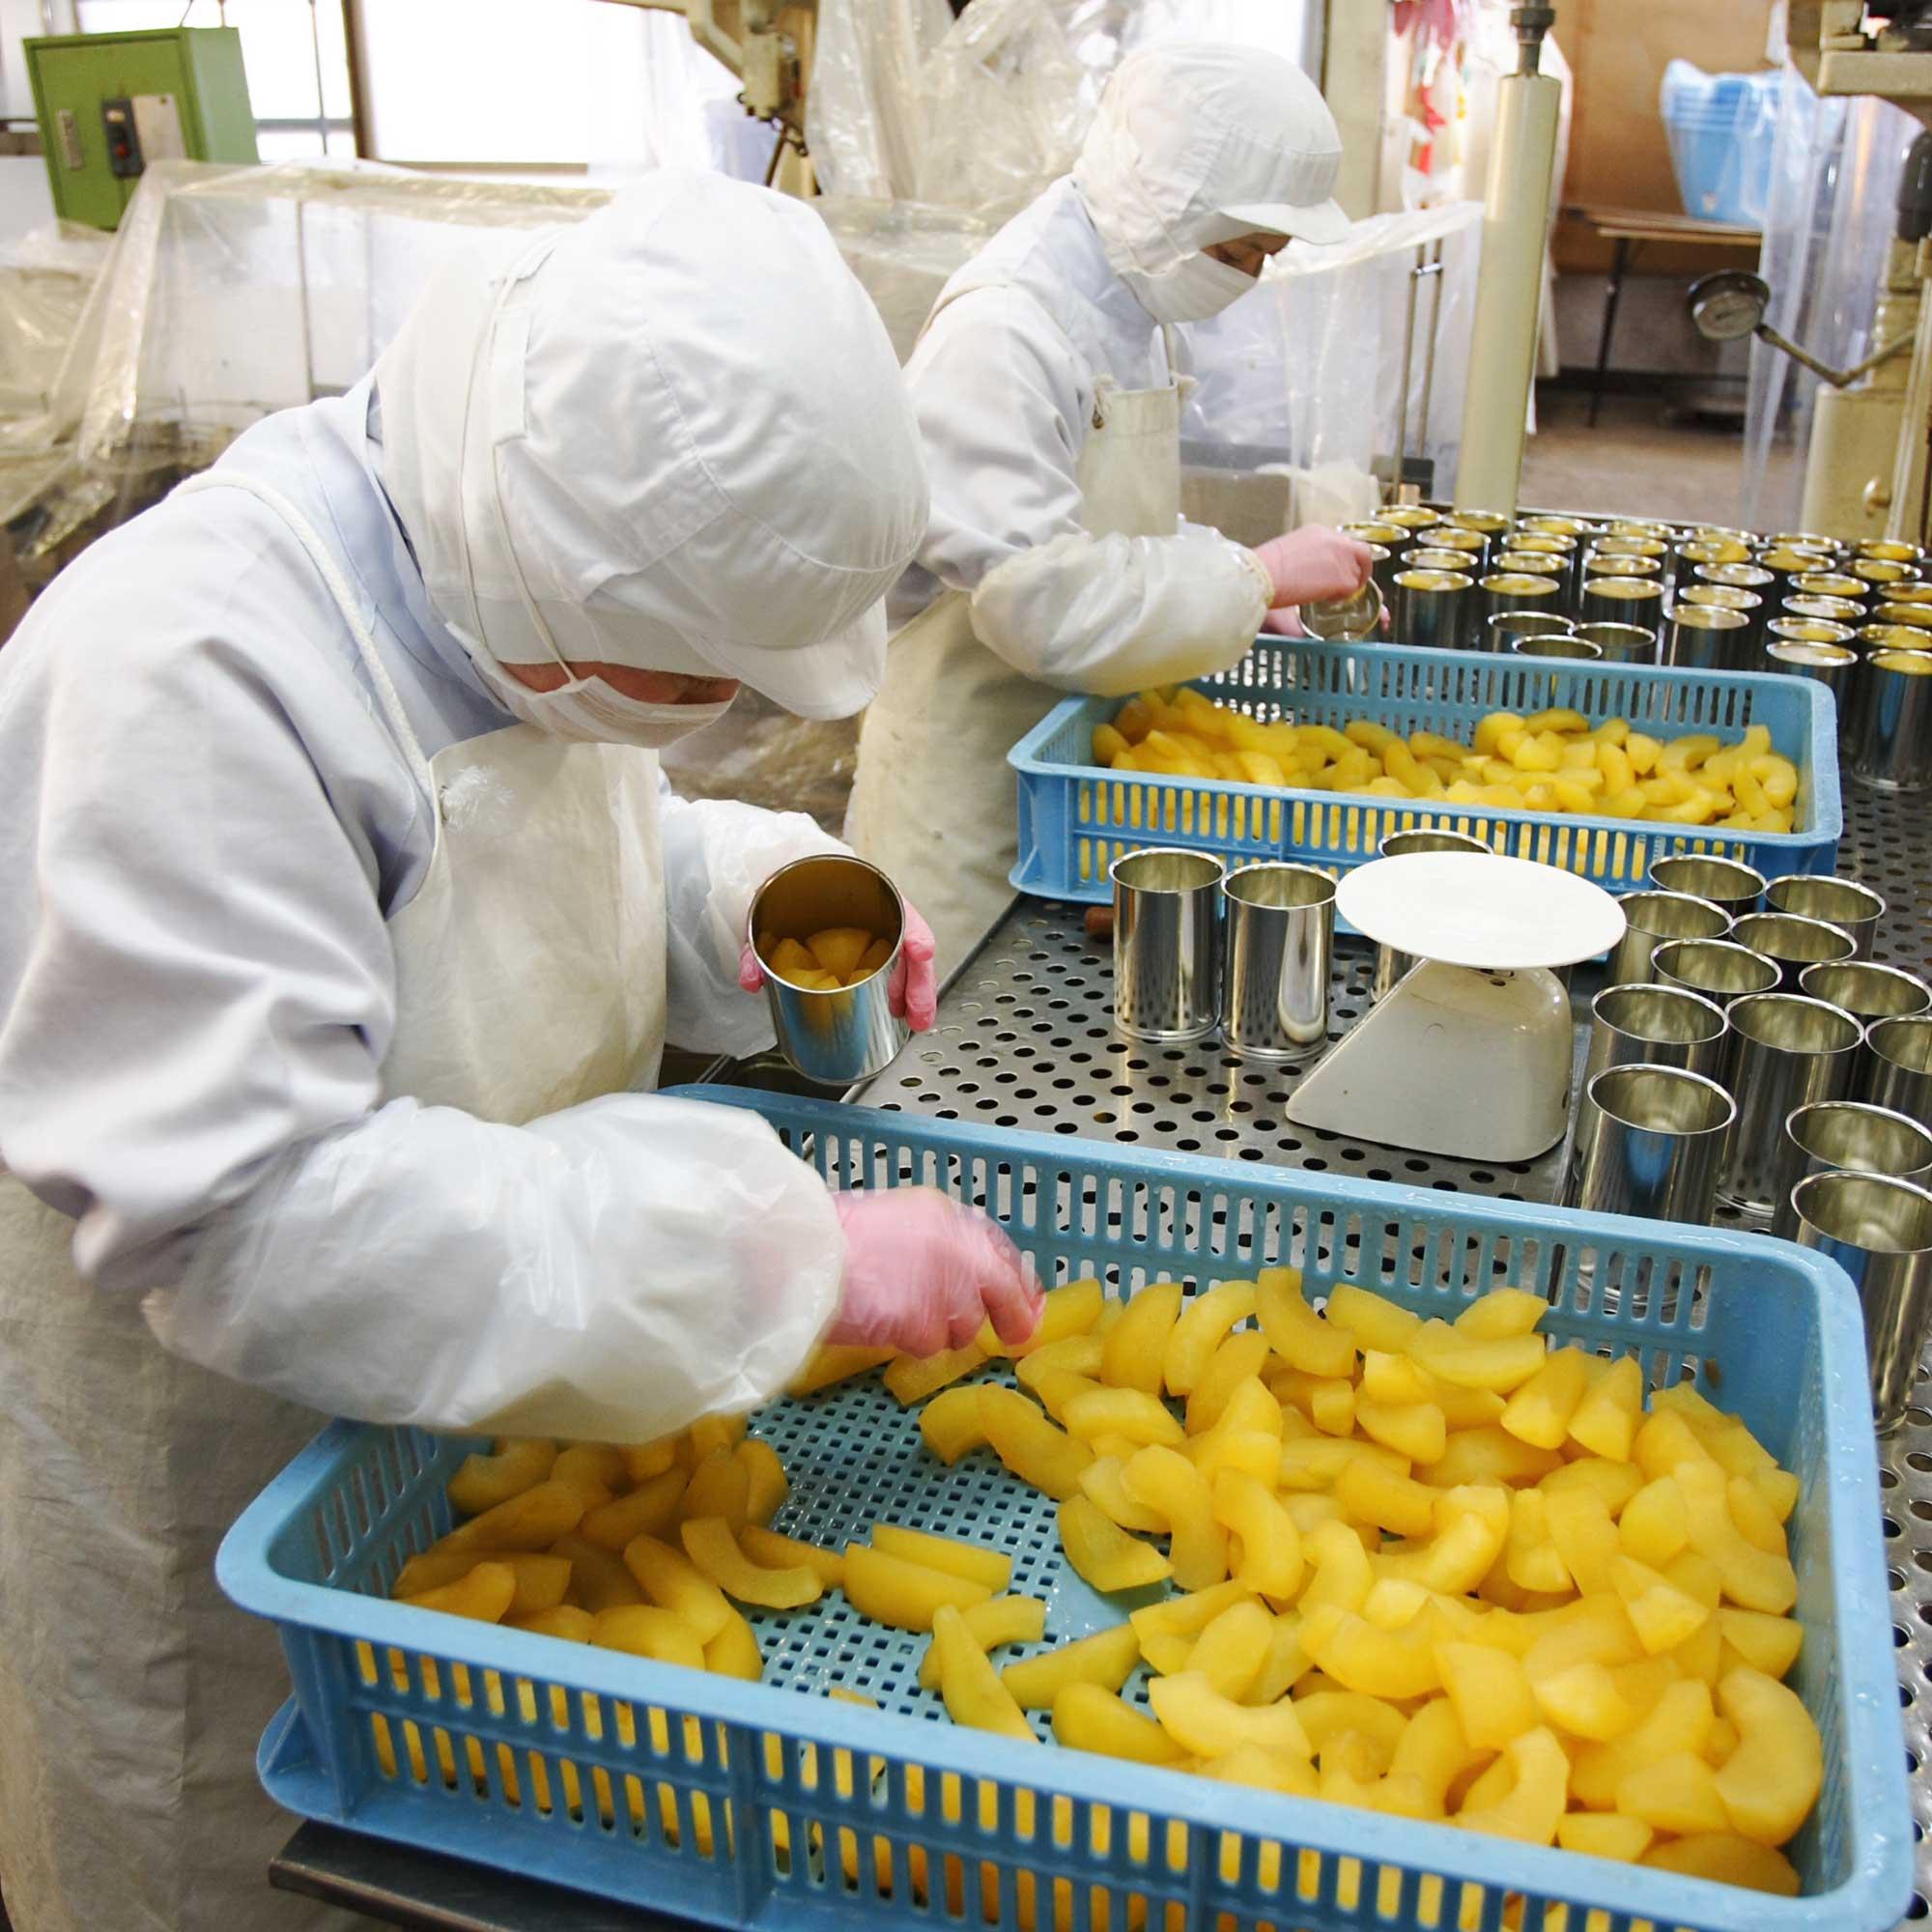 山形県アンテナショップおいしい山形 つくり手を訪ねて|宮澤食品株式会社:缶詰へ詰める工程も手作業で。砂糖とレモン汁だけでつくられたシロップも入ります。